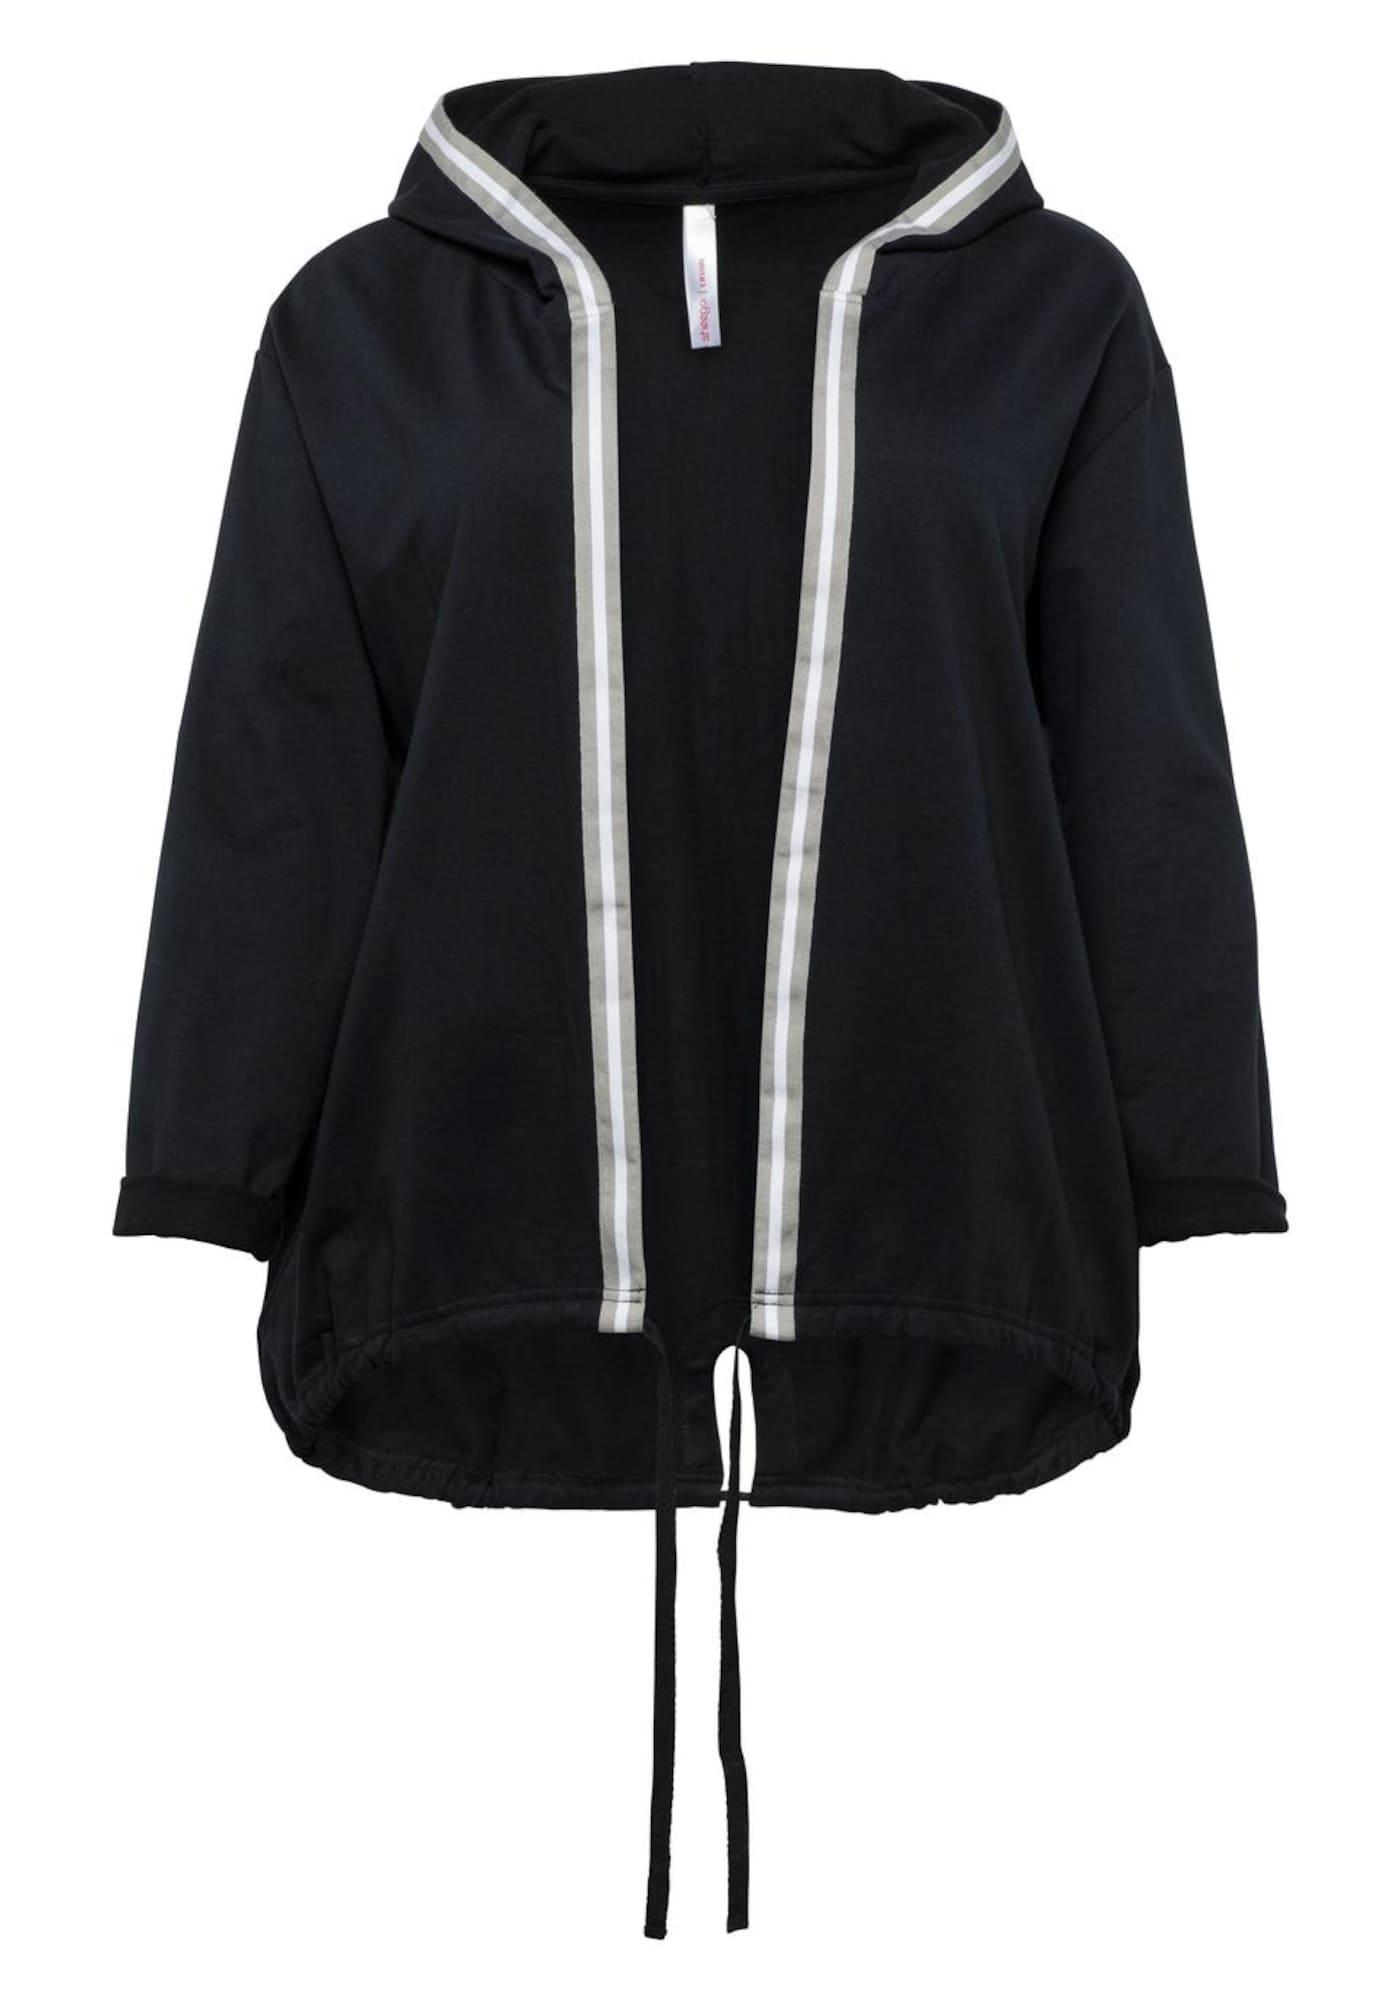 Sweatjacke | Bekleidung > Sweatshirts & -jacken > Sweatjacken | Grau - Schwarz - Weiß | SHEEGO